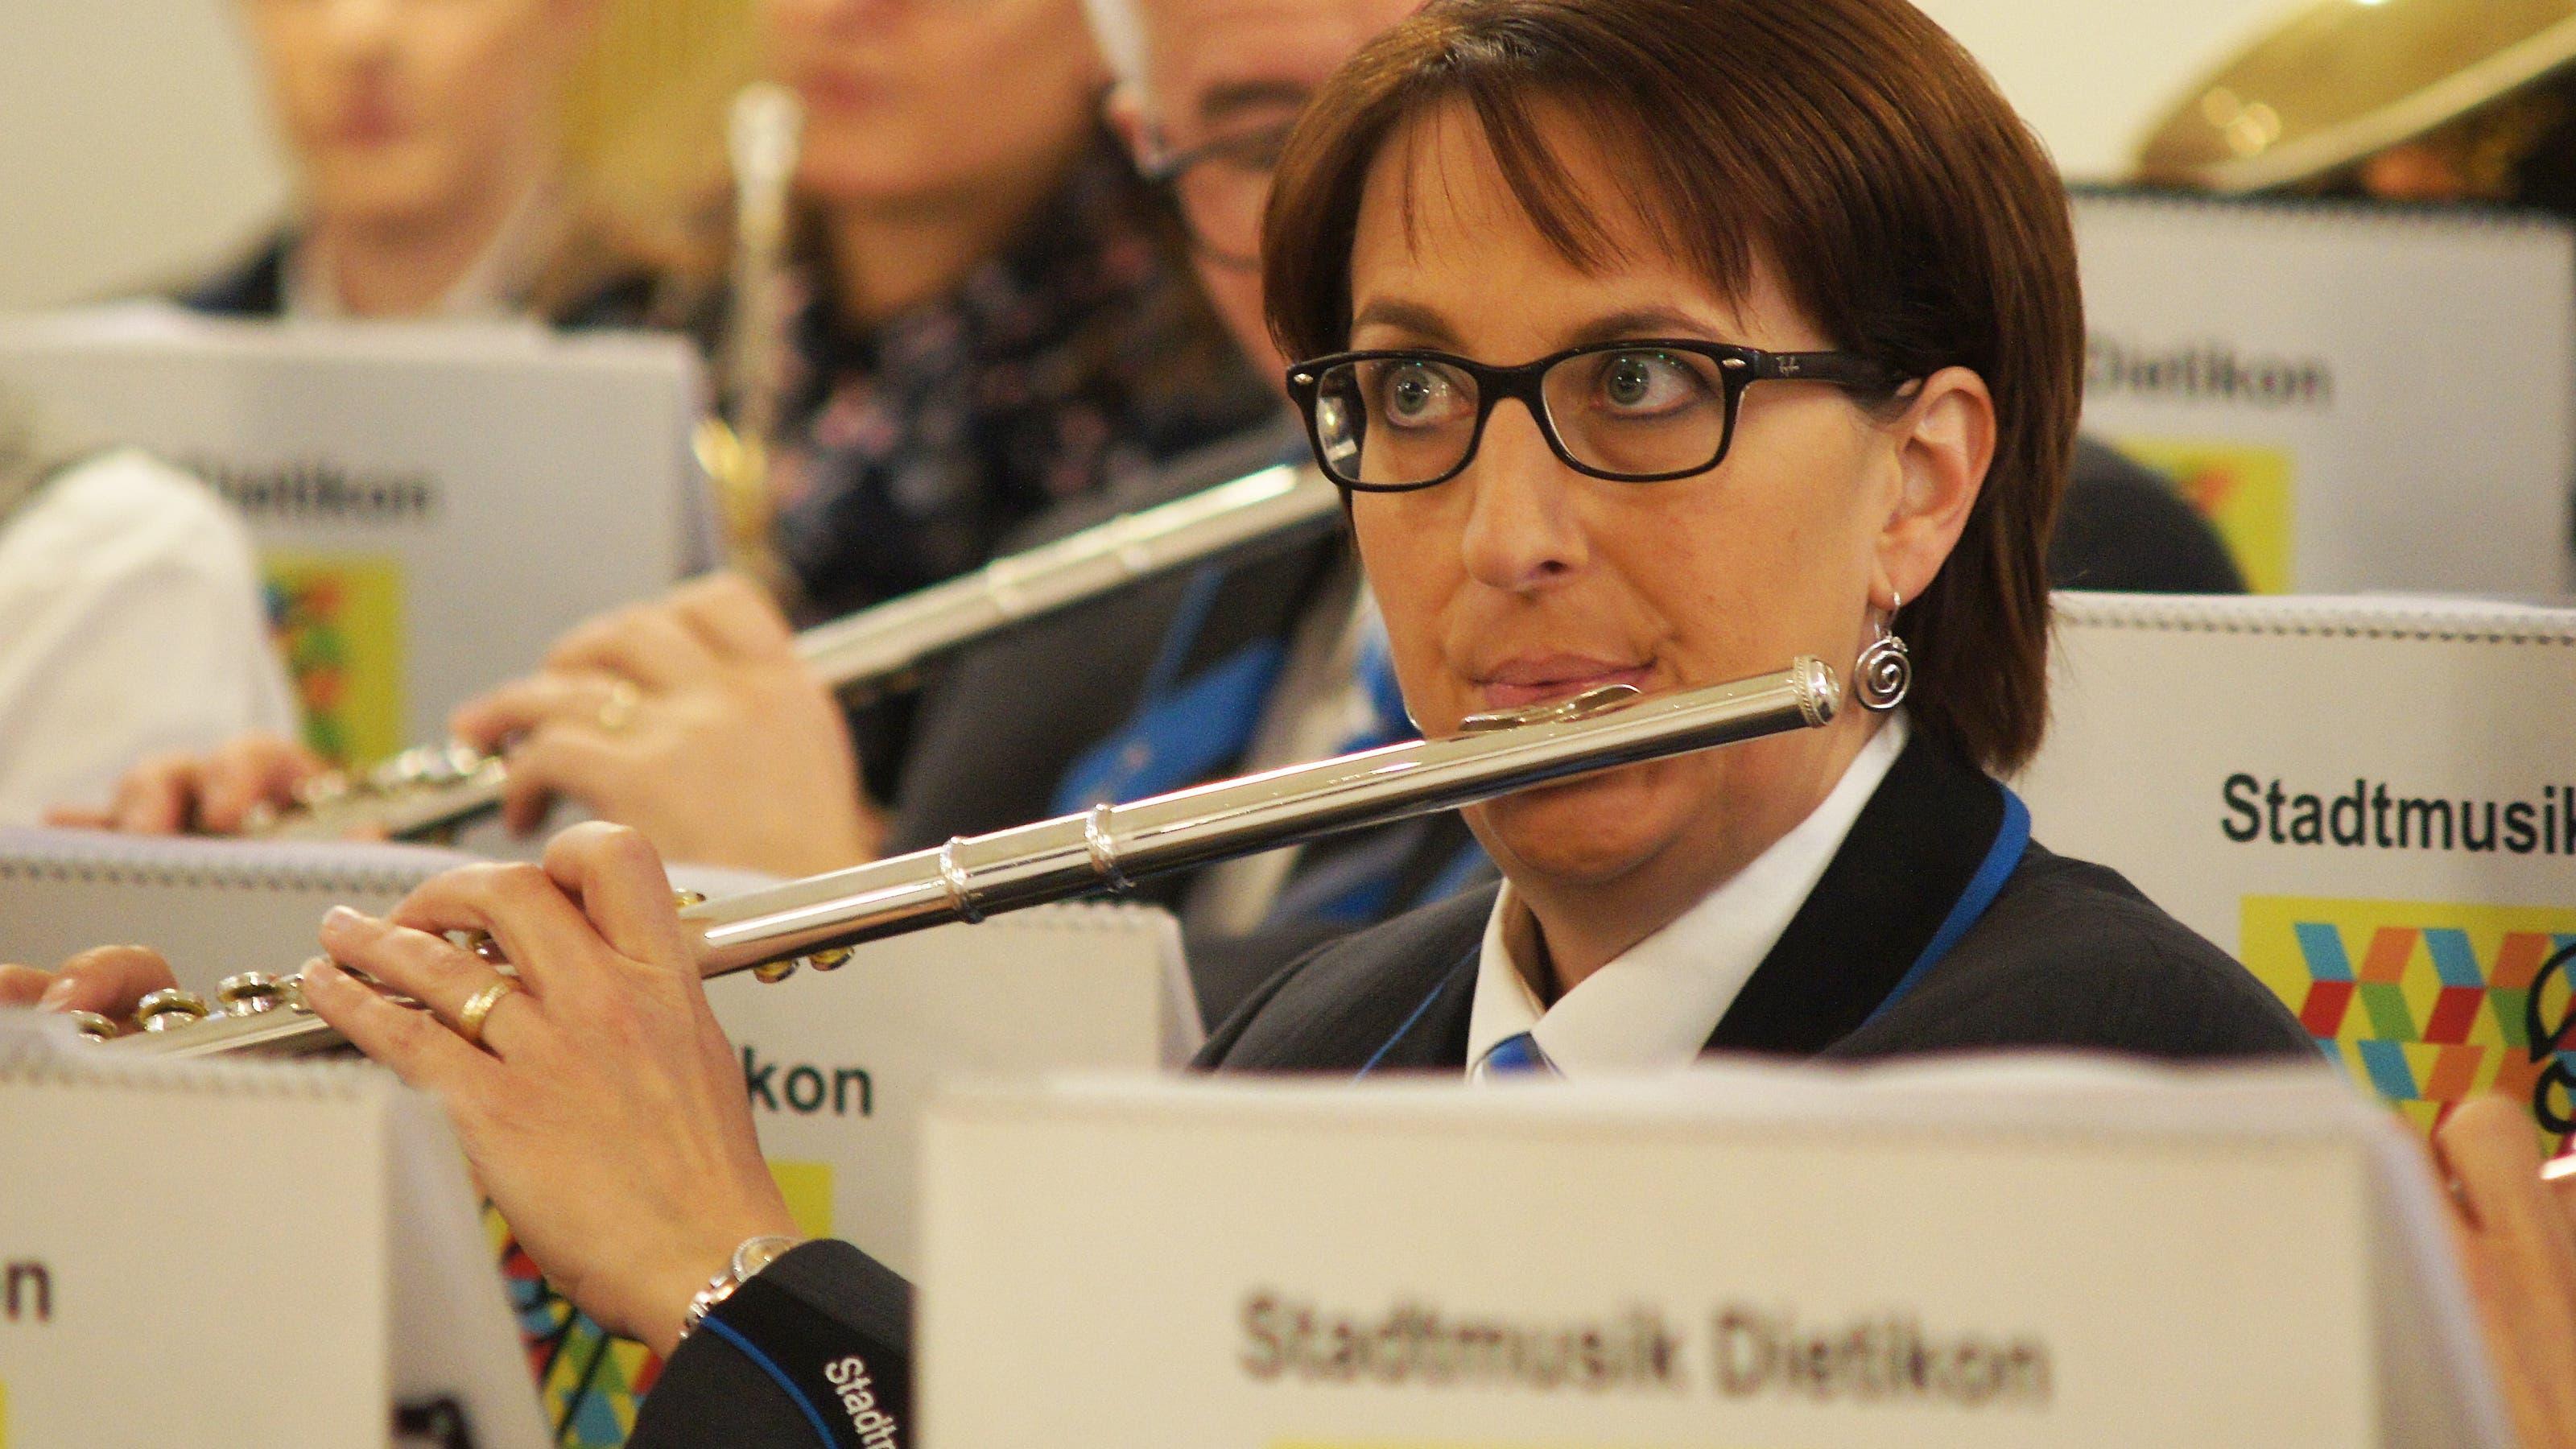 Bea Rieser aus Urdorf spielt Querflöte